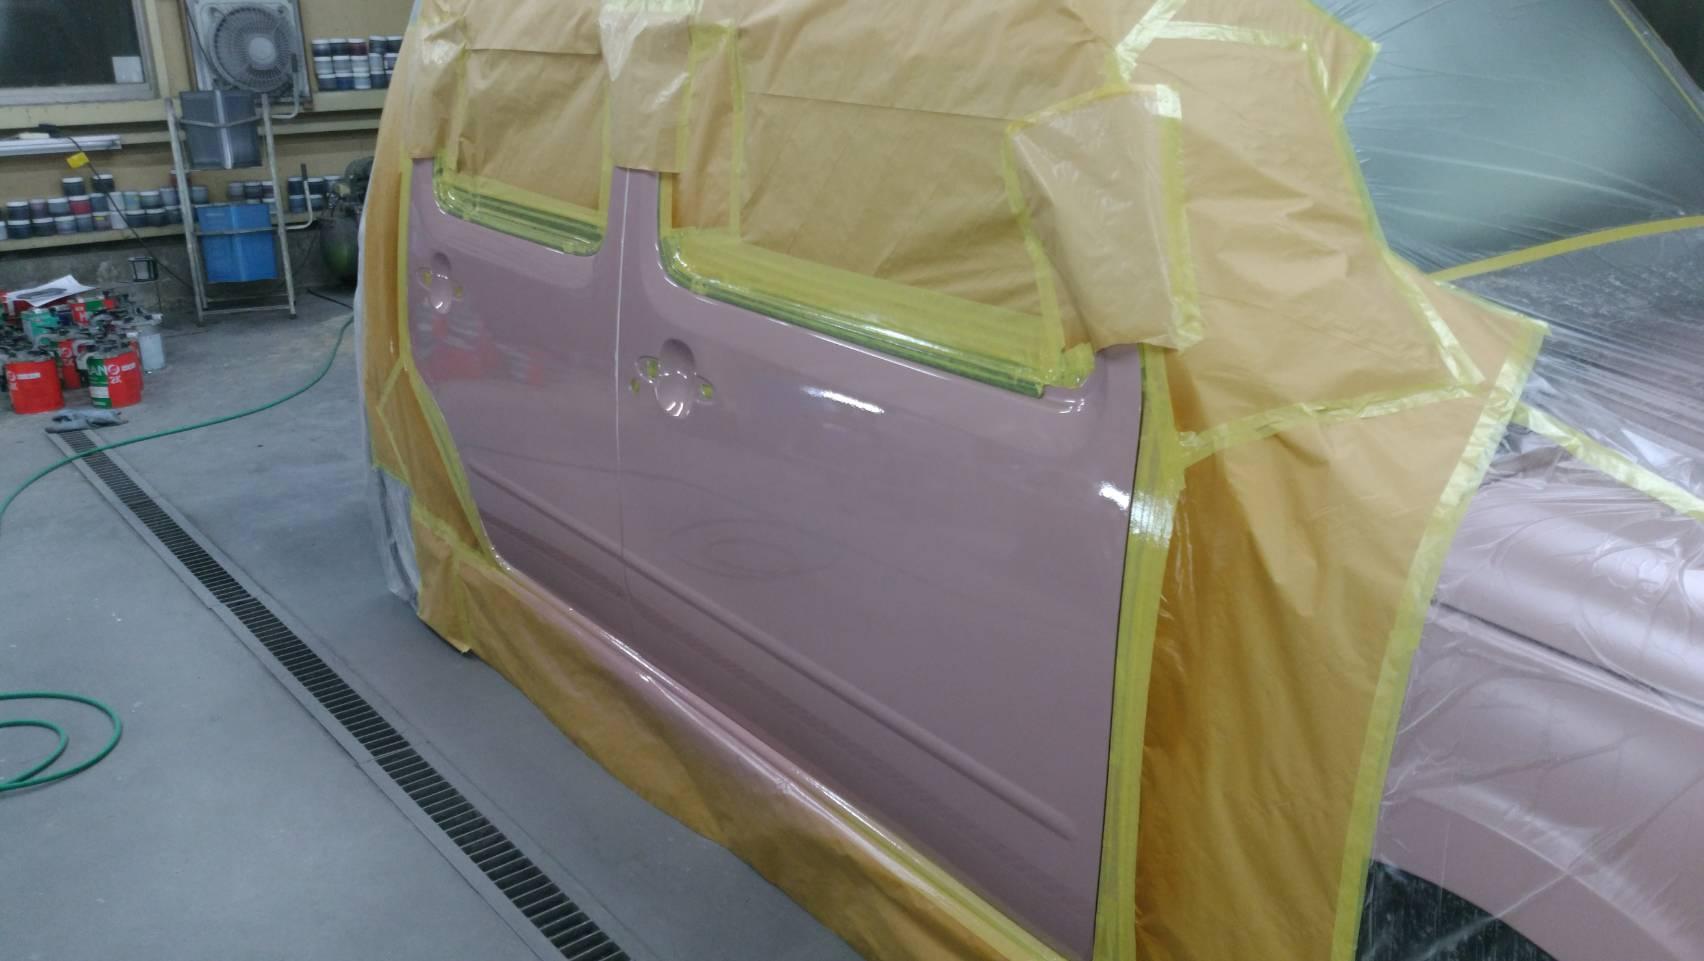 塗装施工後、耐水ペーパー研ぎ作業、バフ掛け磨き後、各パーツを組み付けて完成